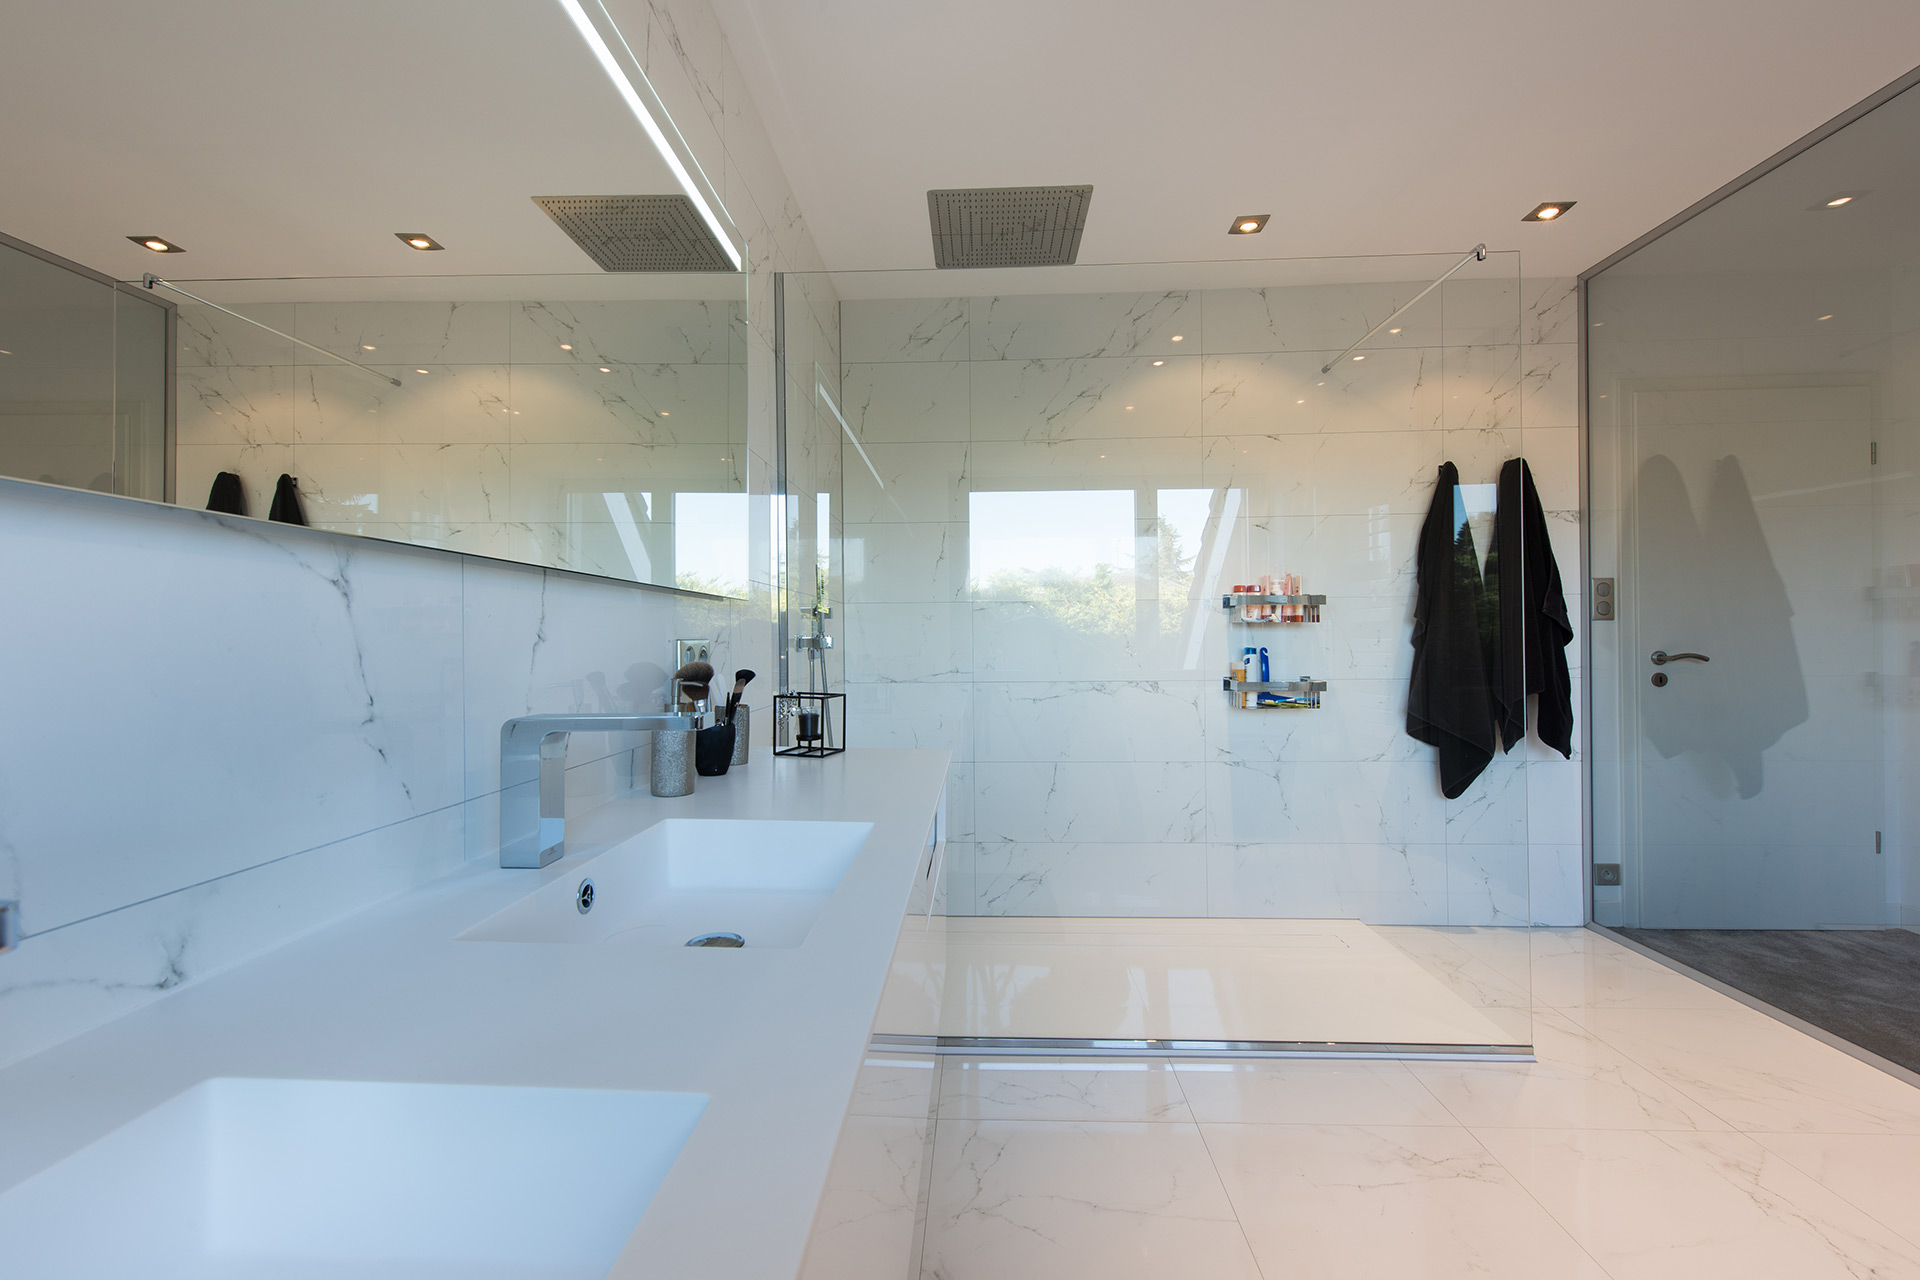 De l'installation à la décoration de votre salle de bain, faites appel à l'expertise de Marc Gallitelli